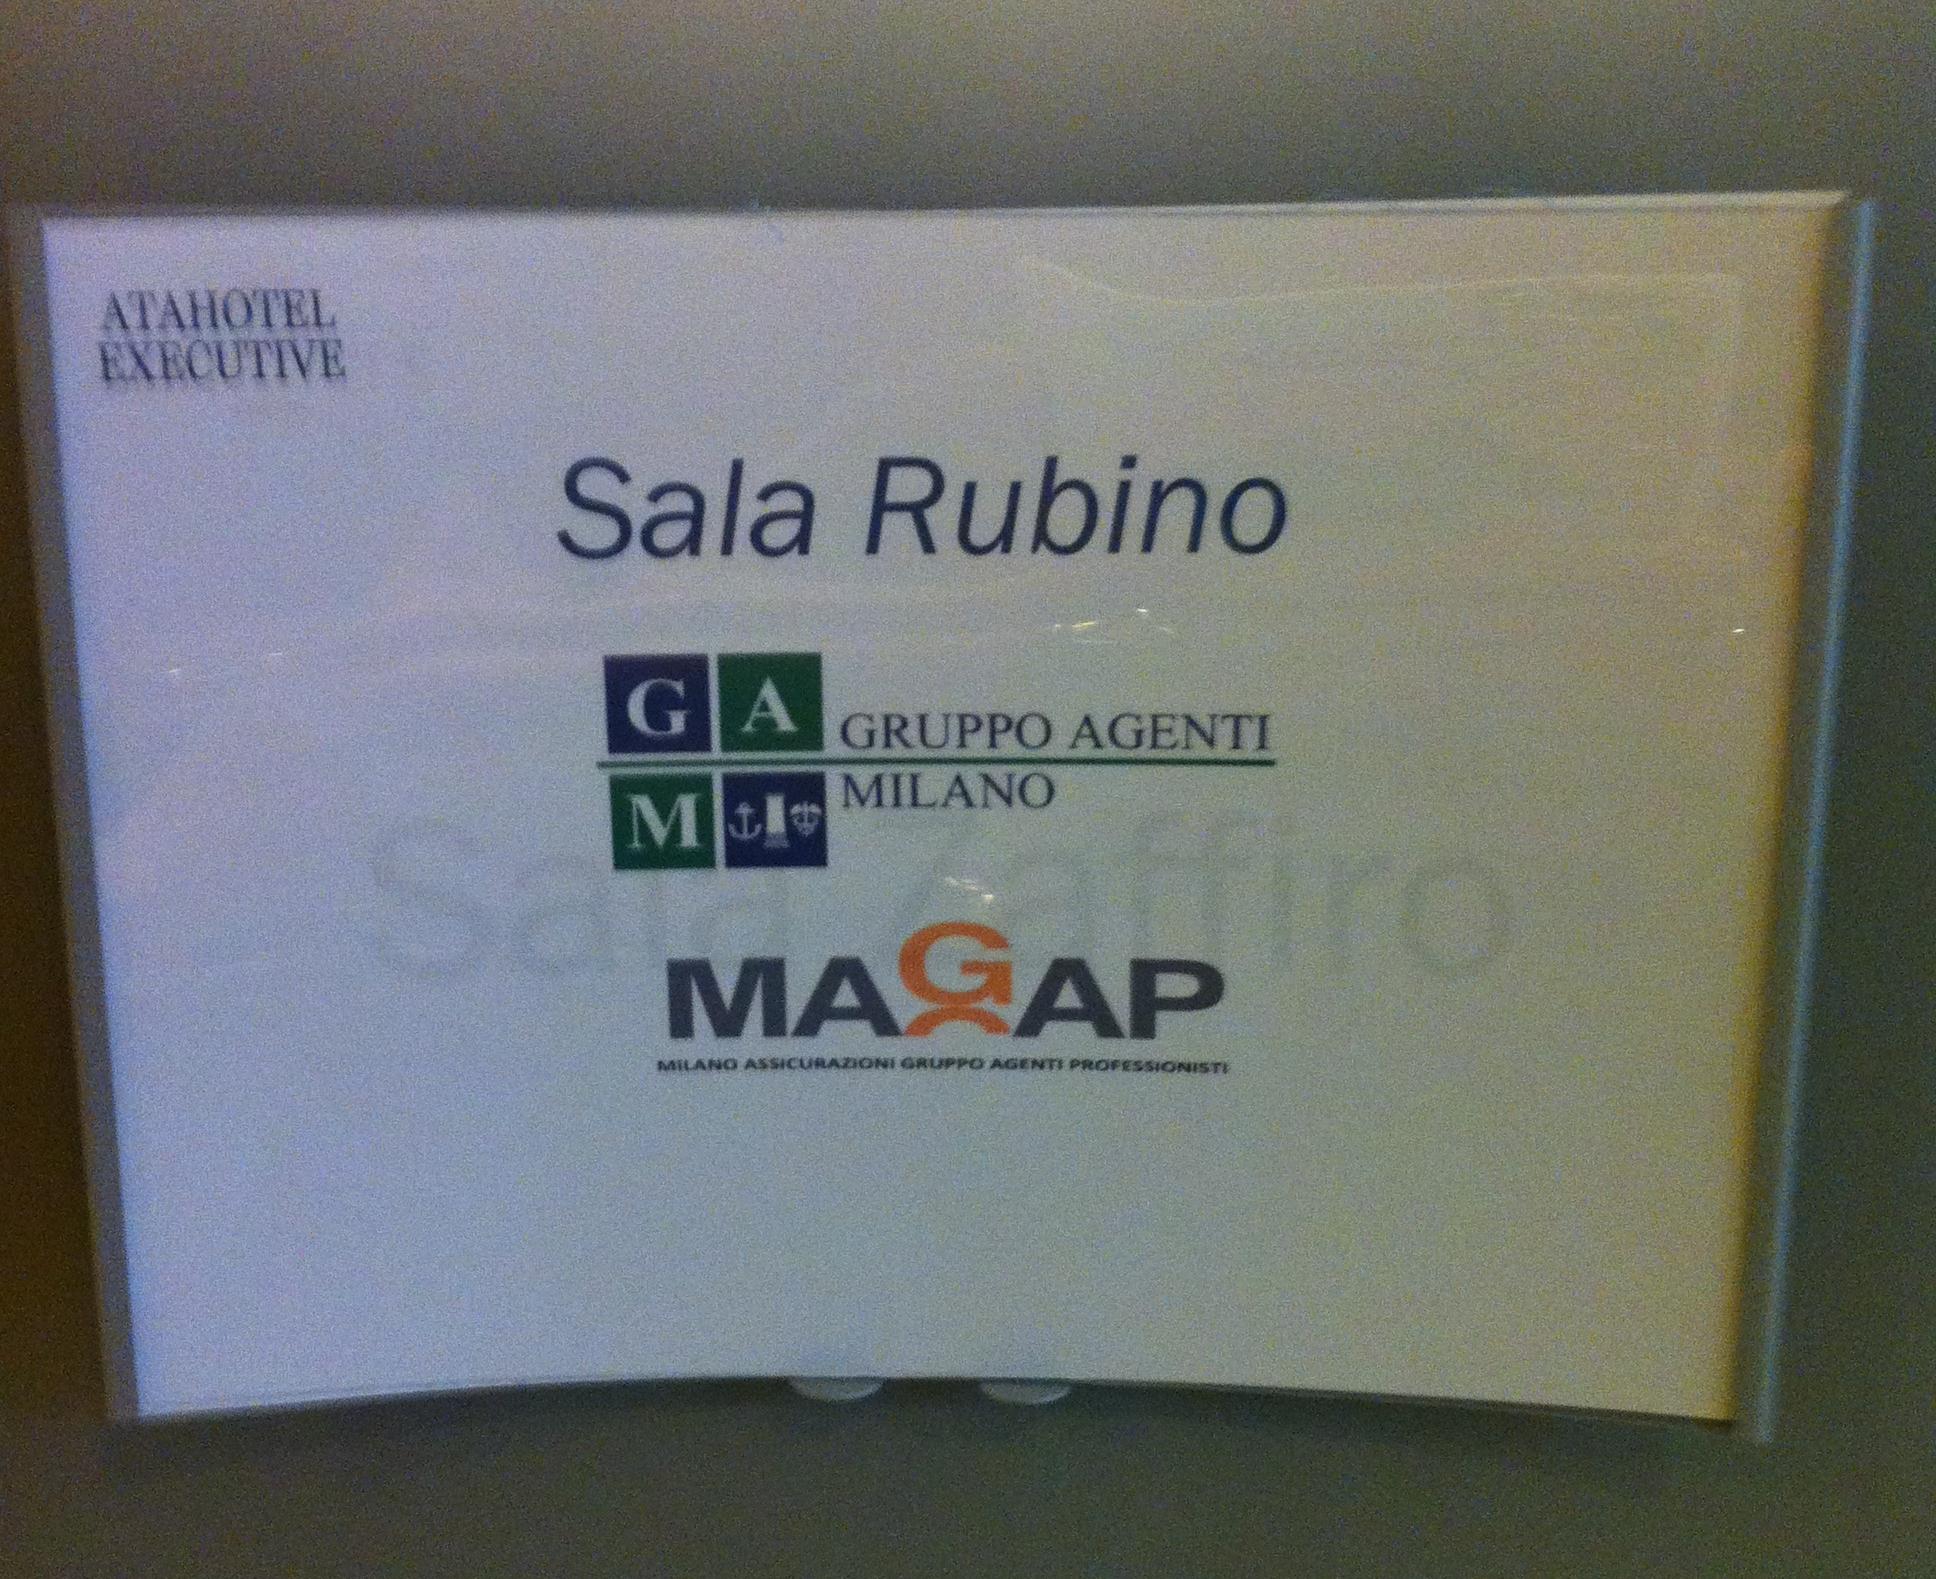 Convention Agenti Milano Assicurazioni (3) Imc